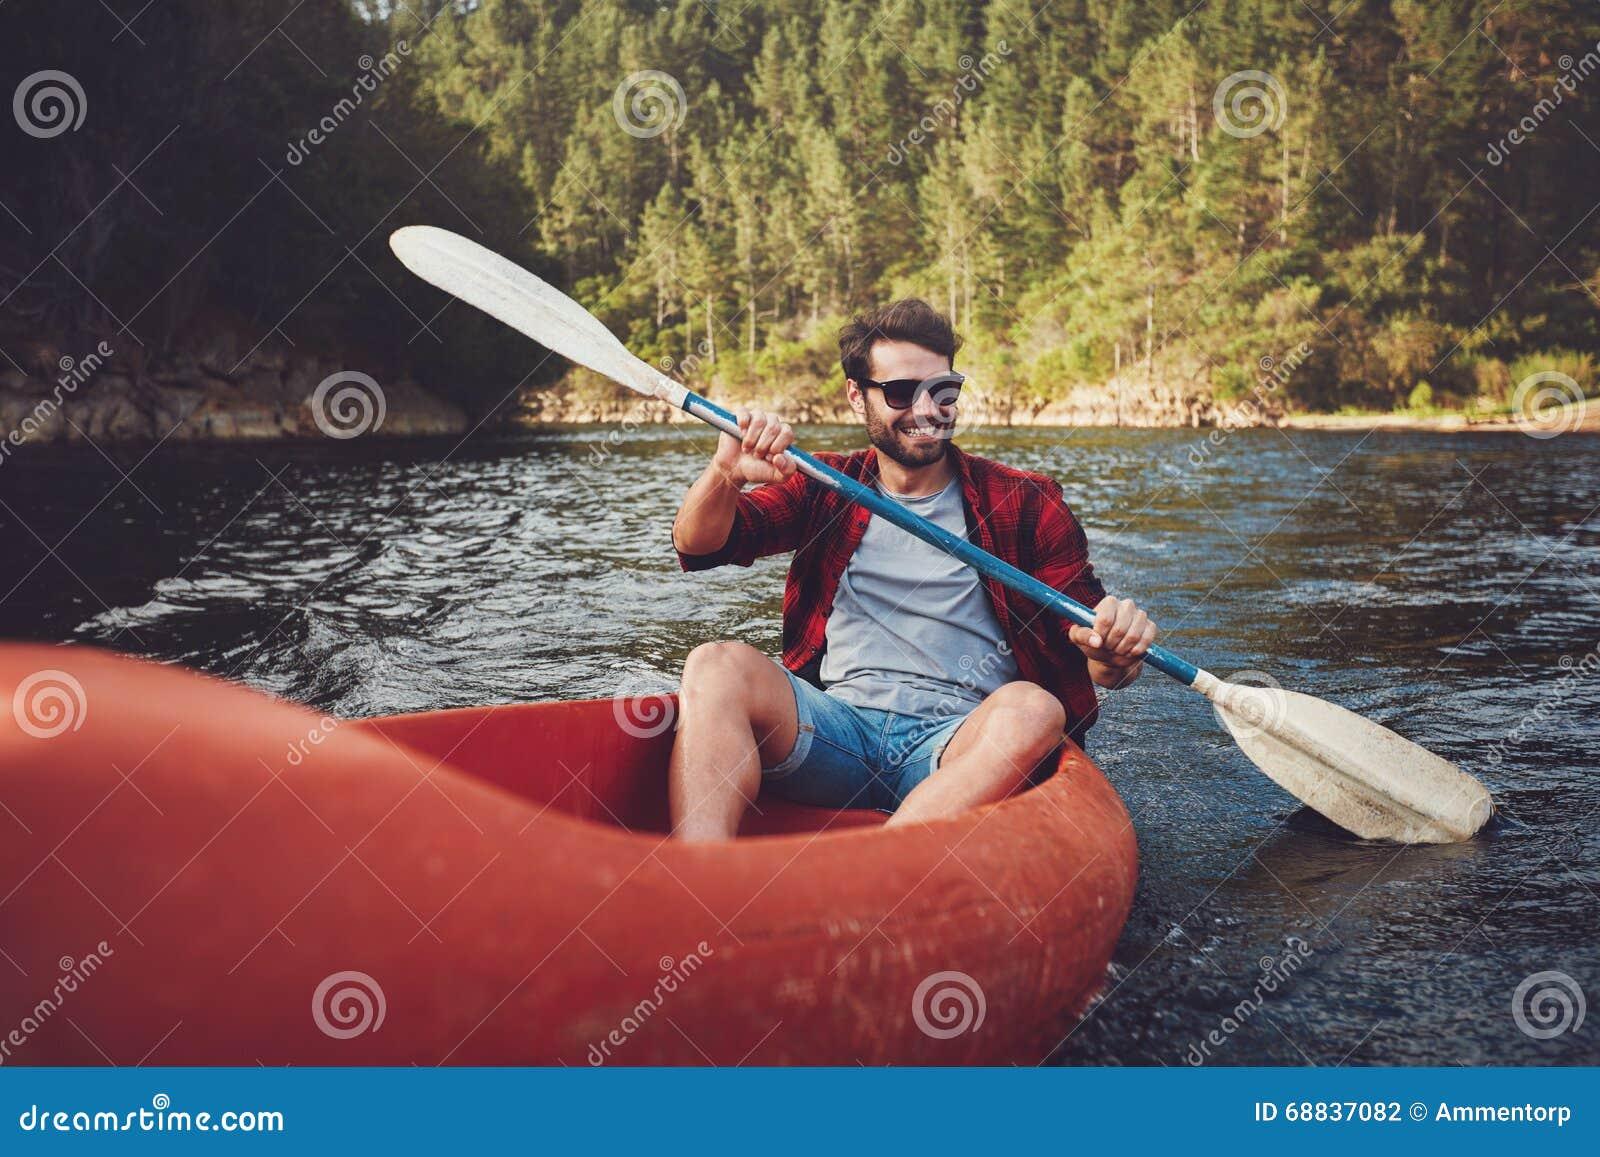 划皮船在湖的年轻人